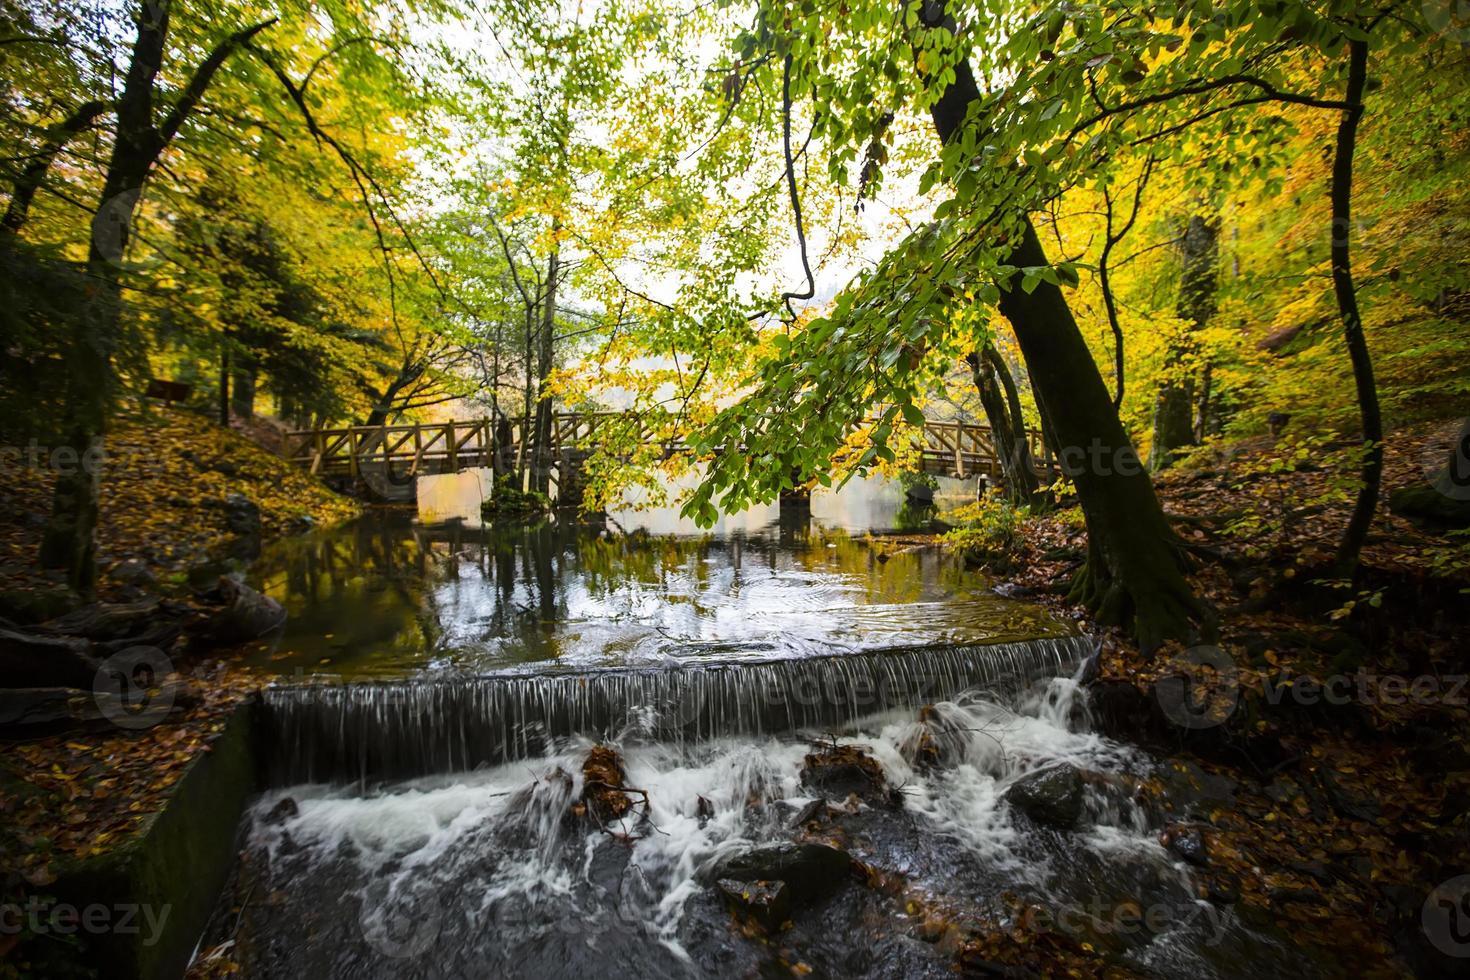 fiume foto